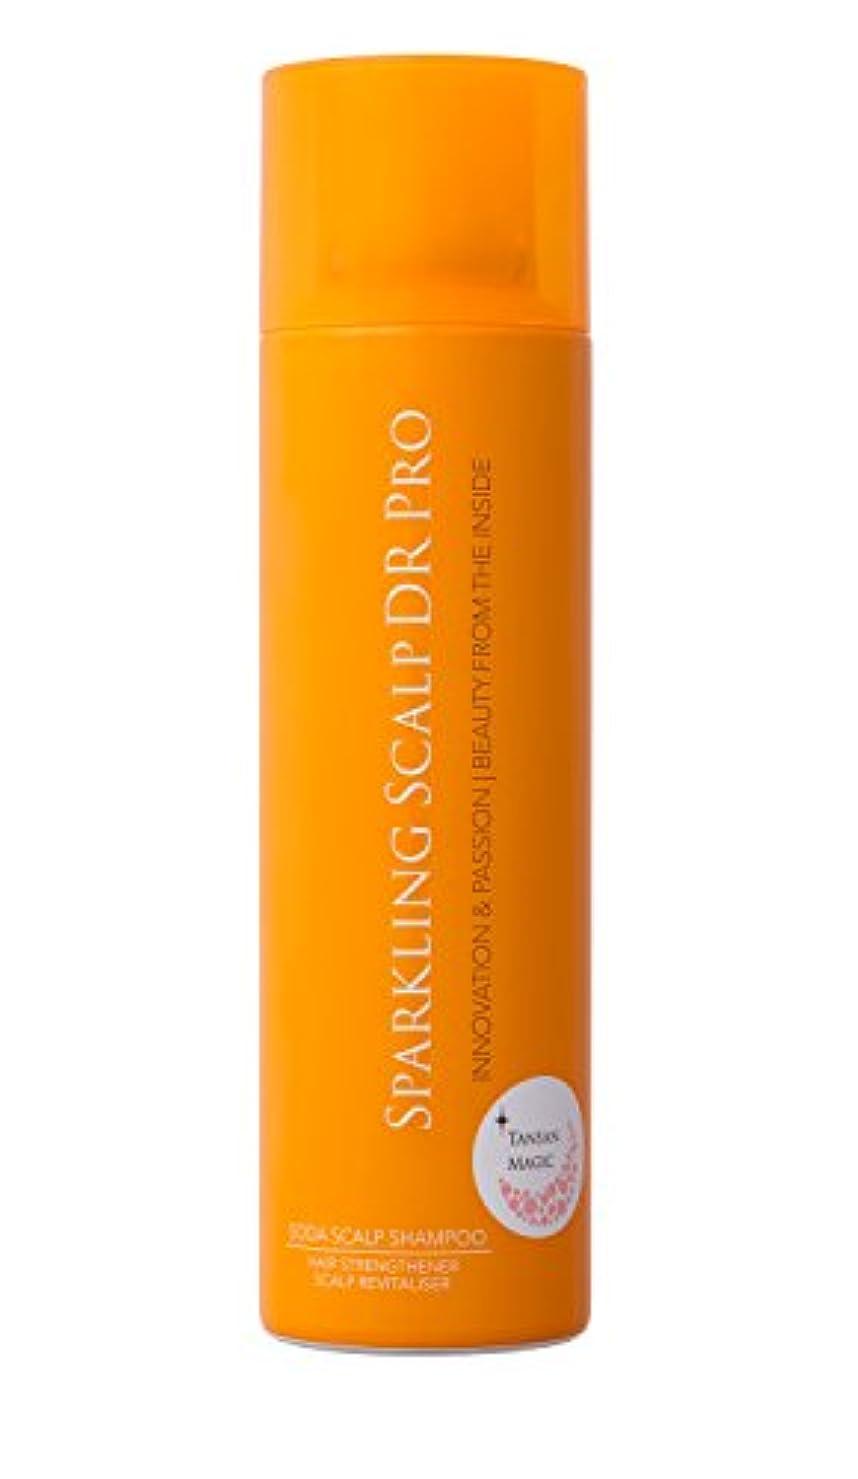 クランプ浴確認する東洋炭酸研究所 スパークリングスカルプDRプロ 200g(炭酸シャンプー)